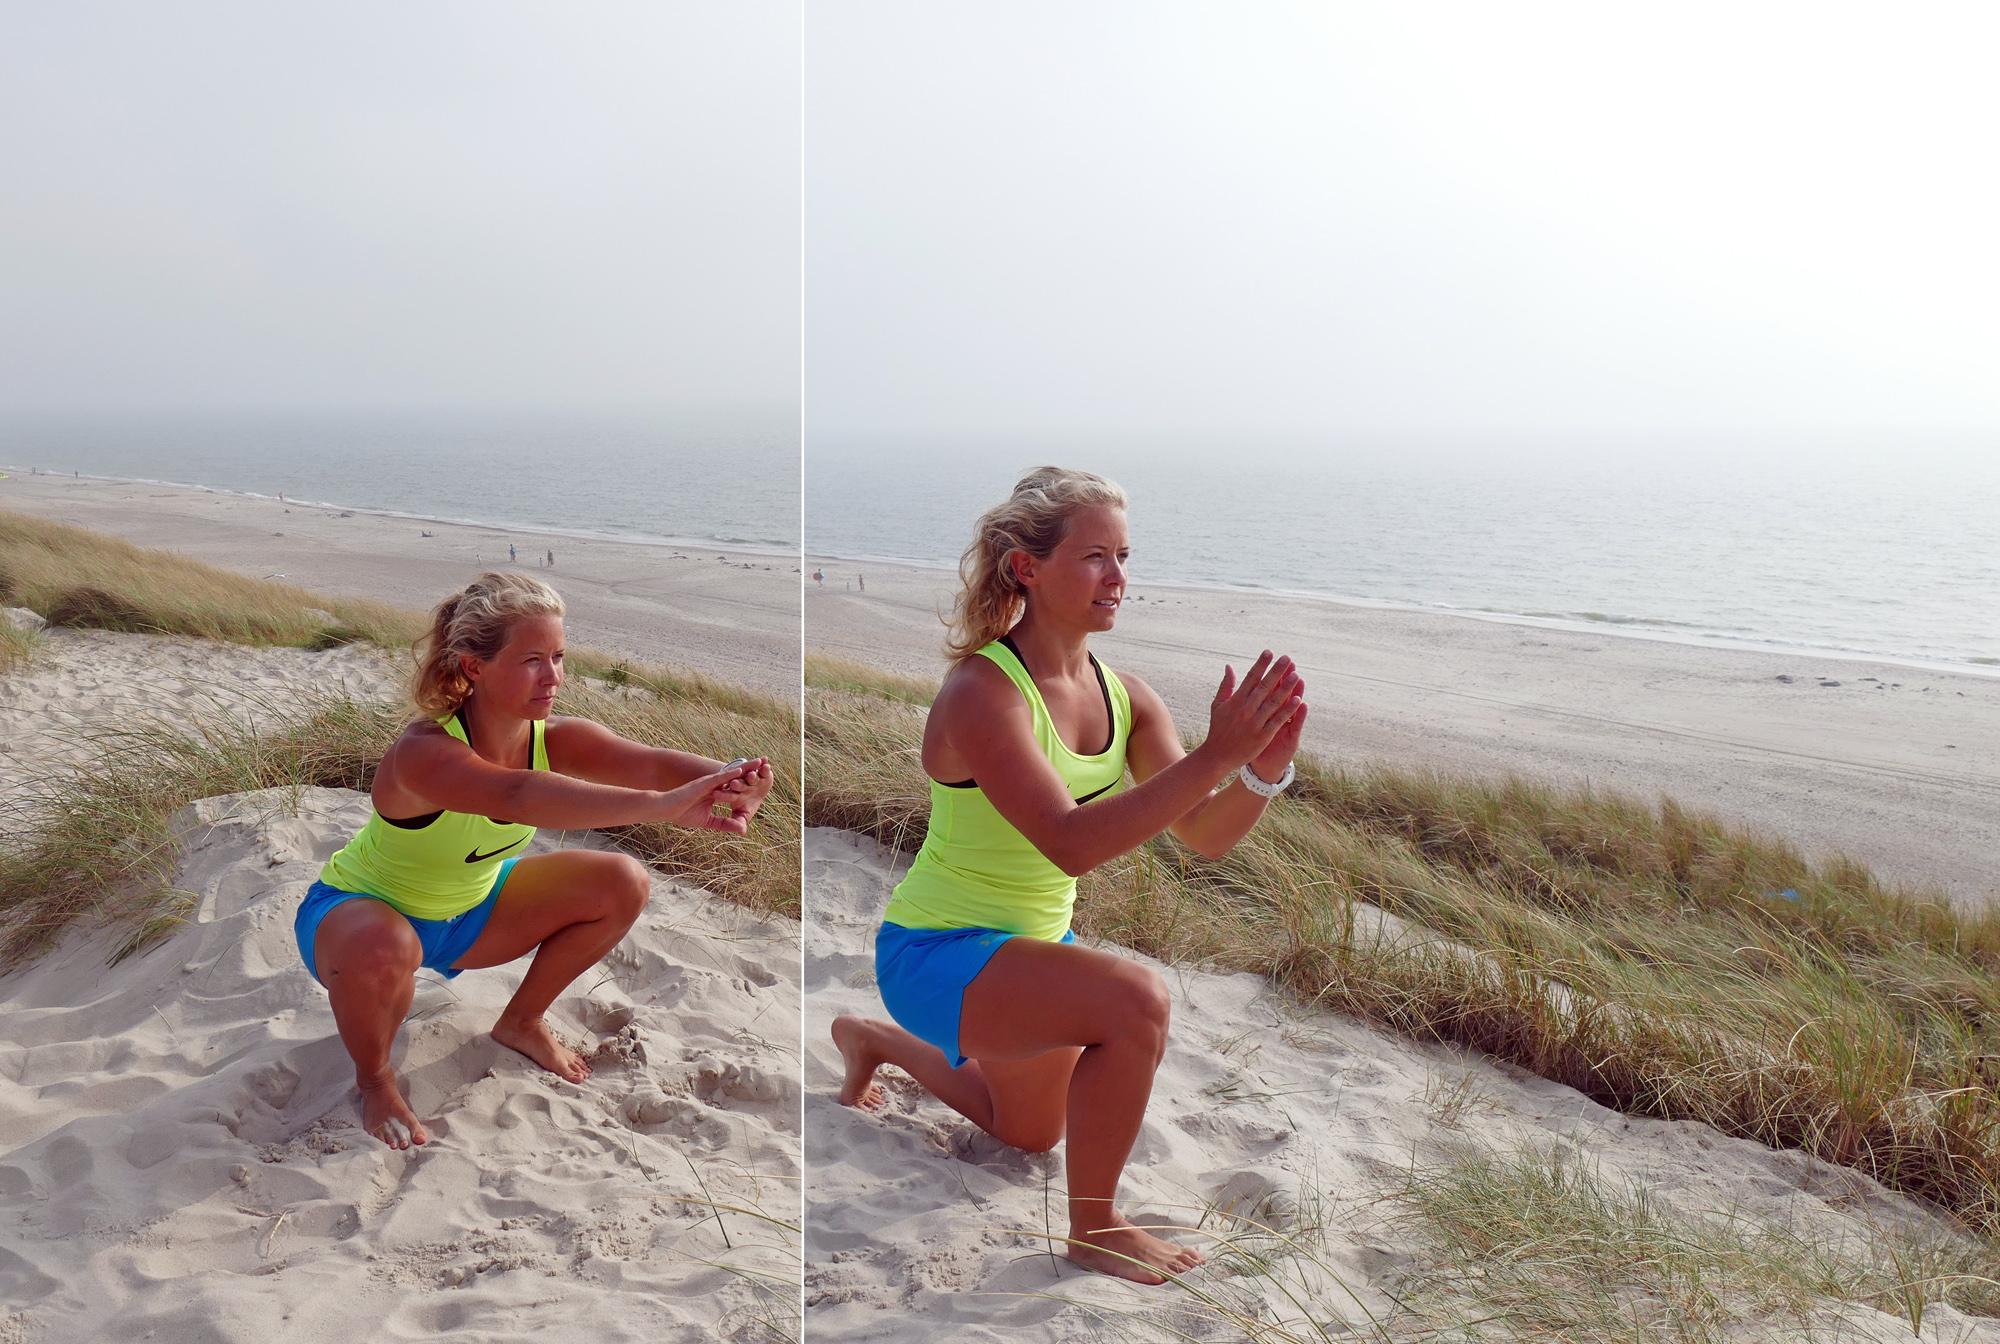 Vid hopparknä gör övningar som knäböj och utfall ont.